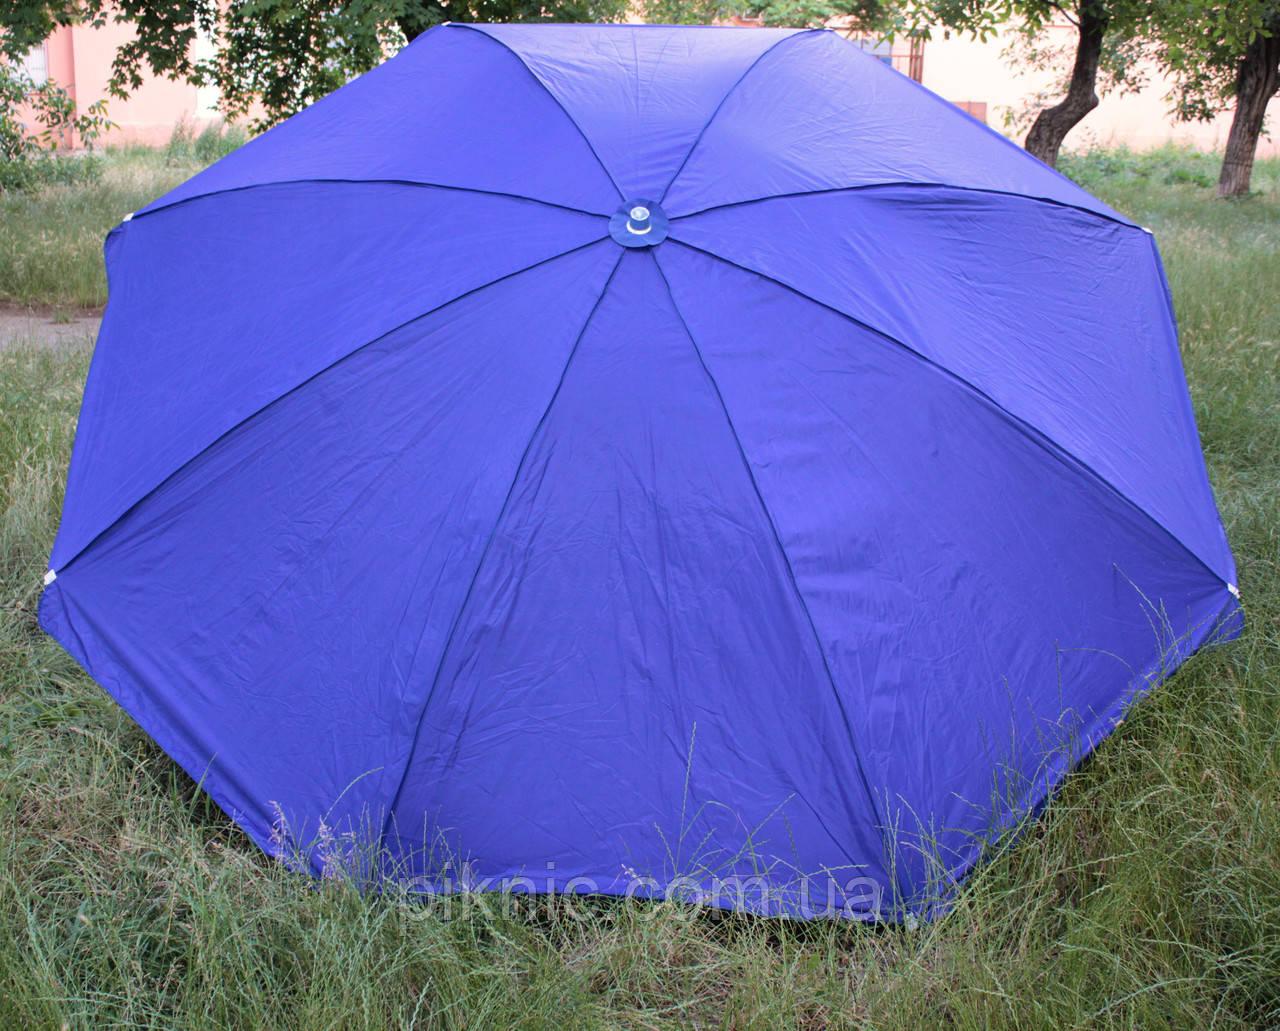 Зонт торговый 3 м. Металлические спицы. Усиленный. Прорезиненная ткань. Зонт для торговли на улице!